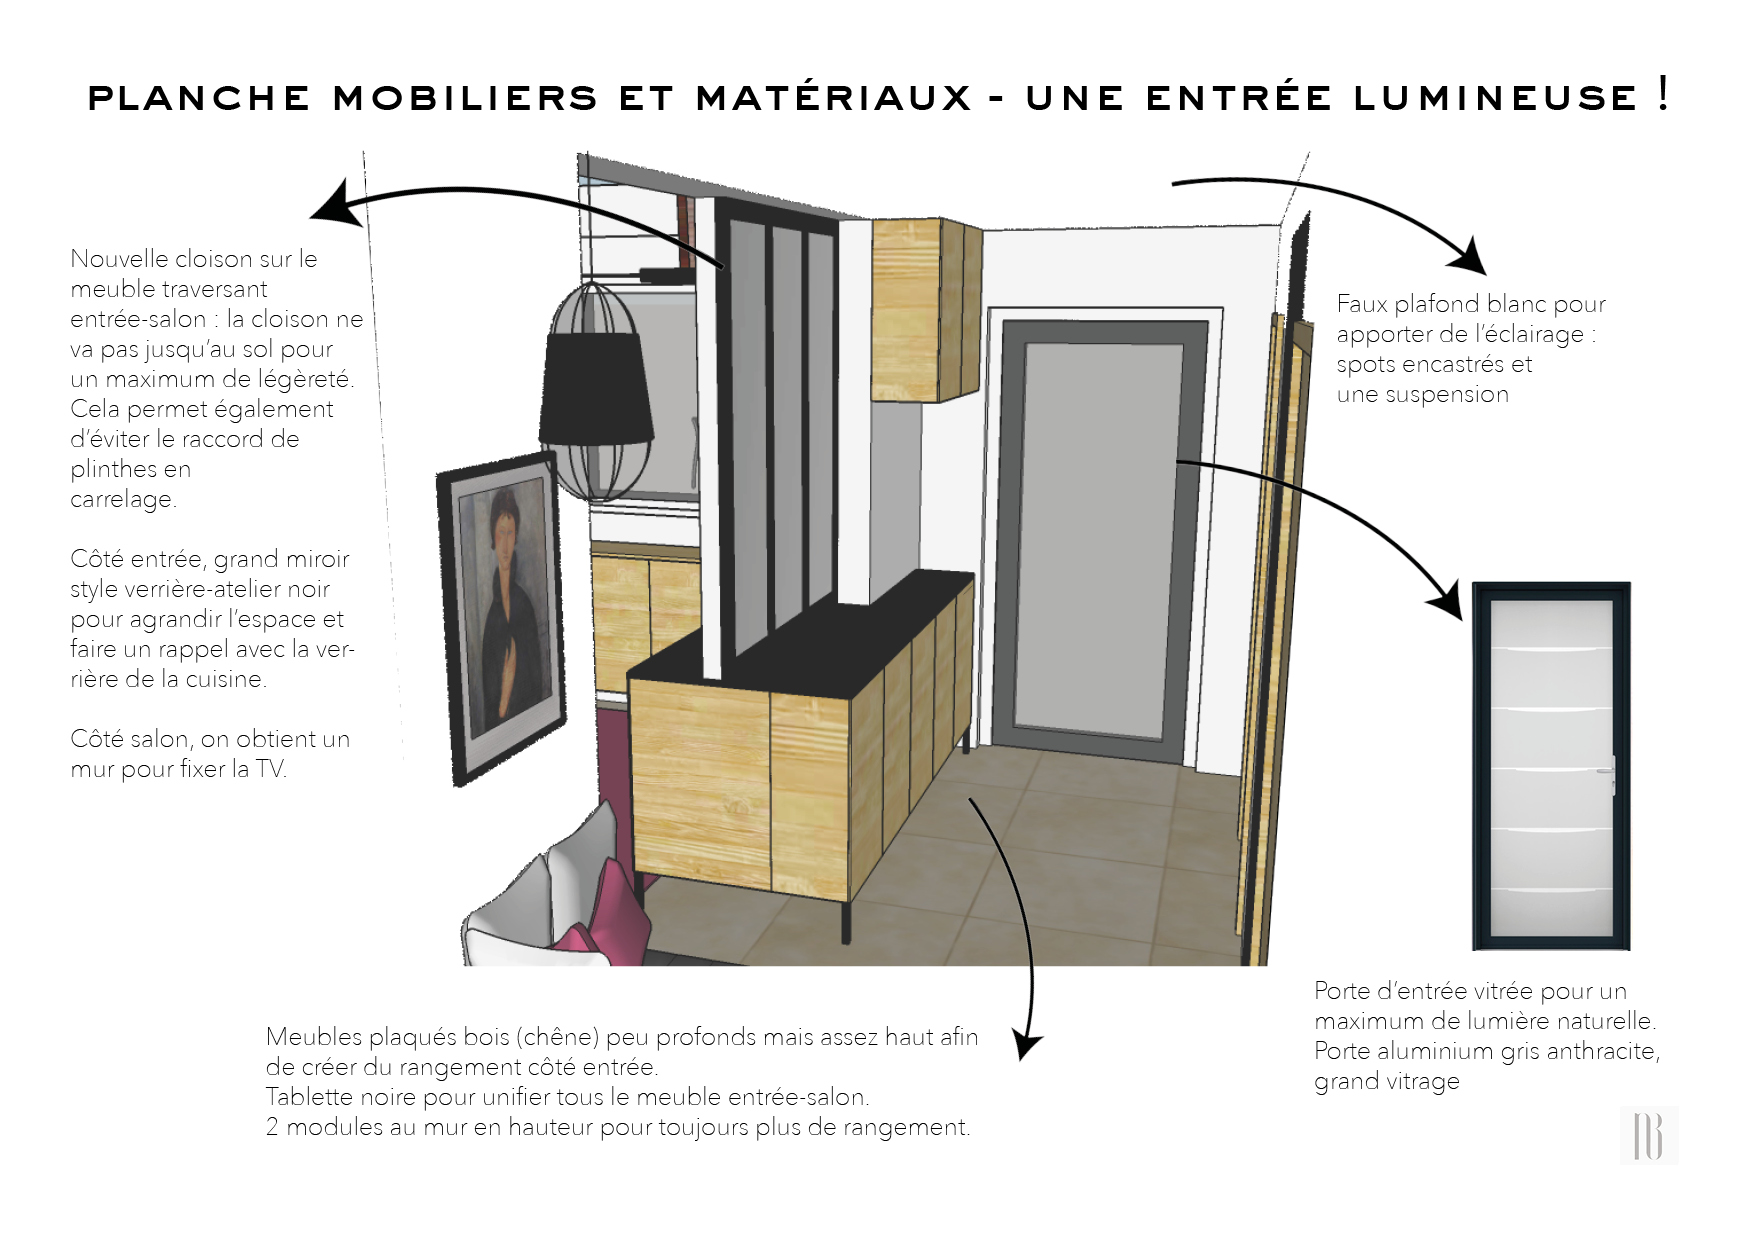 Nathalie Bossard décoration architecture intérieur Rennes 35 UFDI-390 Book déco maison individuelle bretagne sud 2019 planche mobilier et matériaux entrée lumineuse